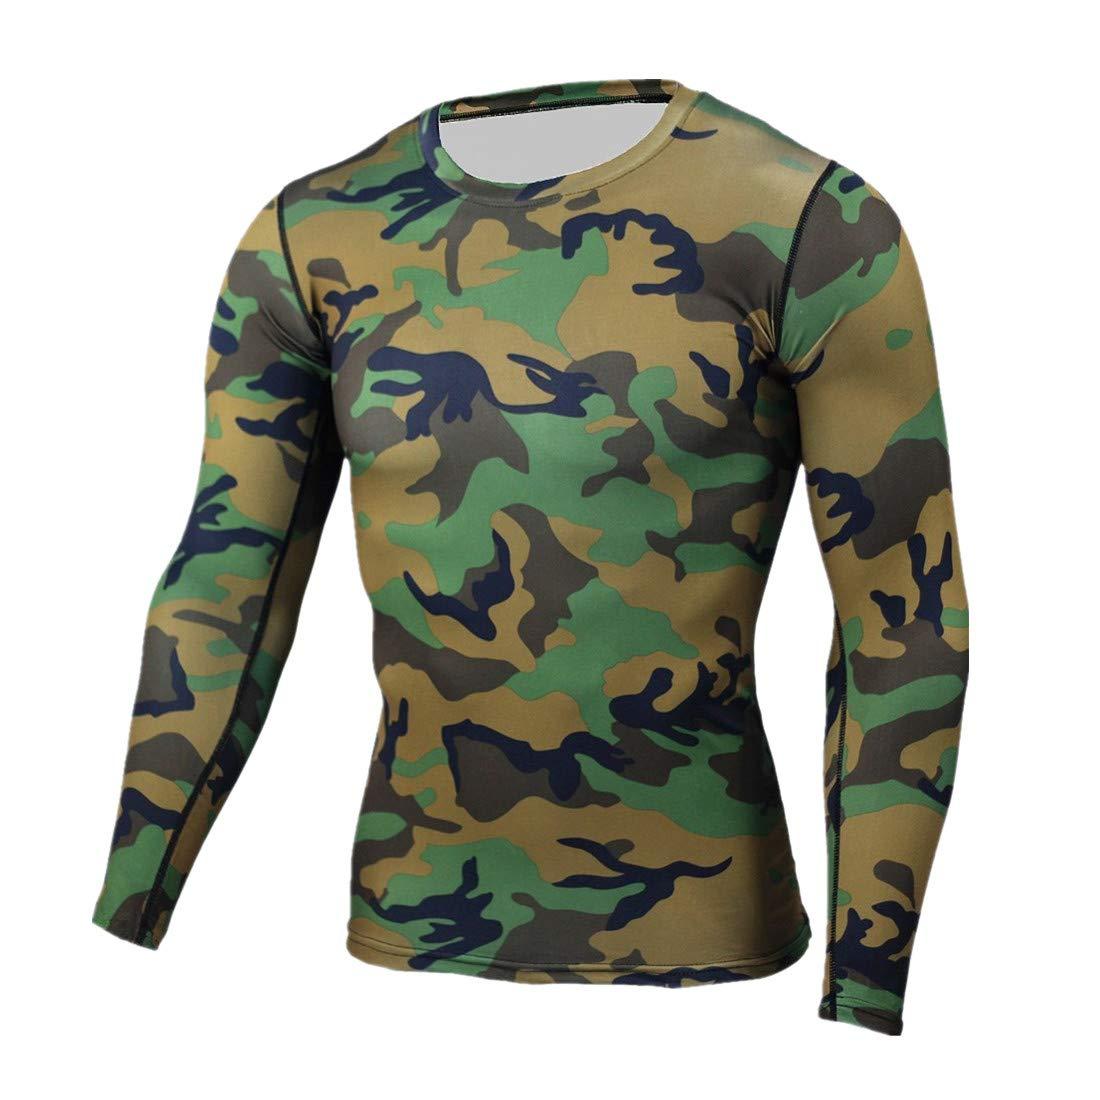 ForeverH Herren Sport Oberteile FORH Männer Camouflage Unterhemd Langarm Kleidung Tight Trocknen Tops Muskelshirt Für Training Gym Fitness And Bodybuilding